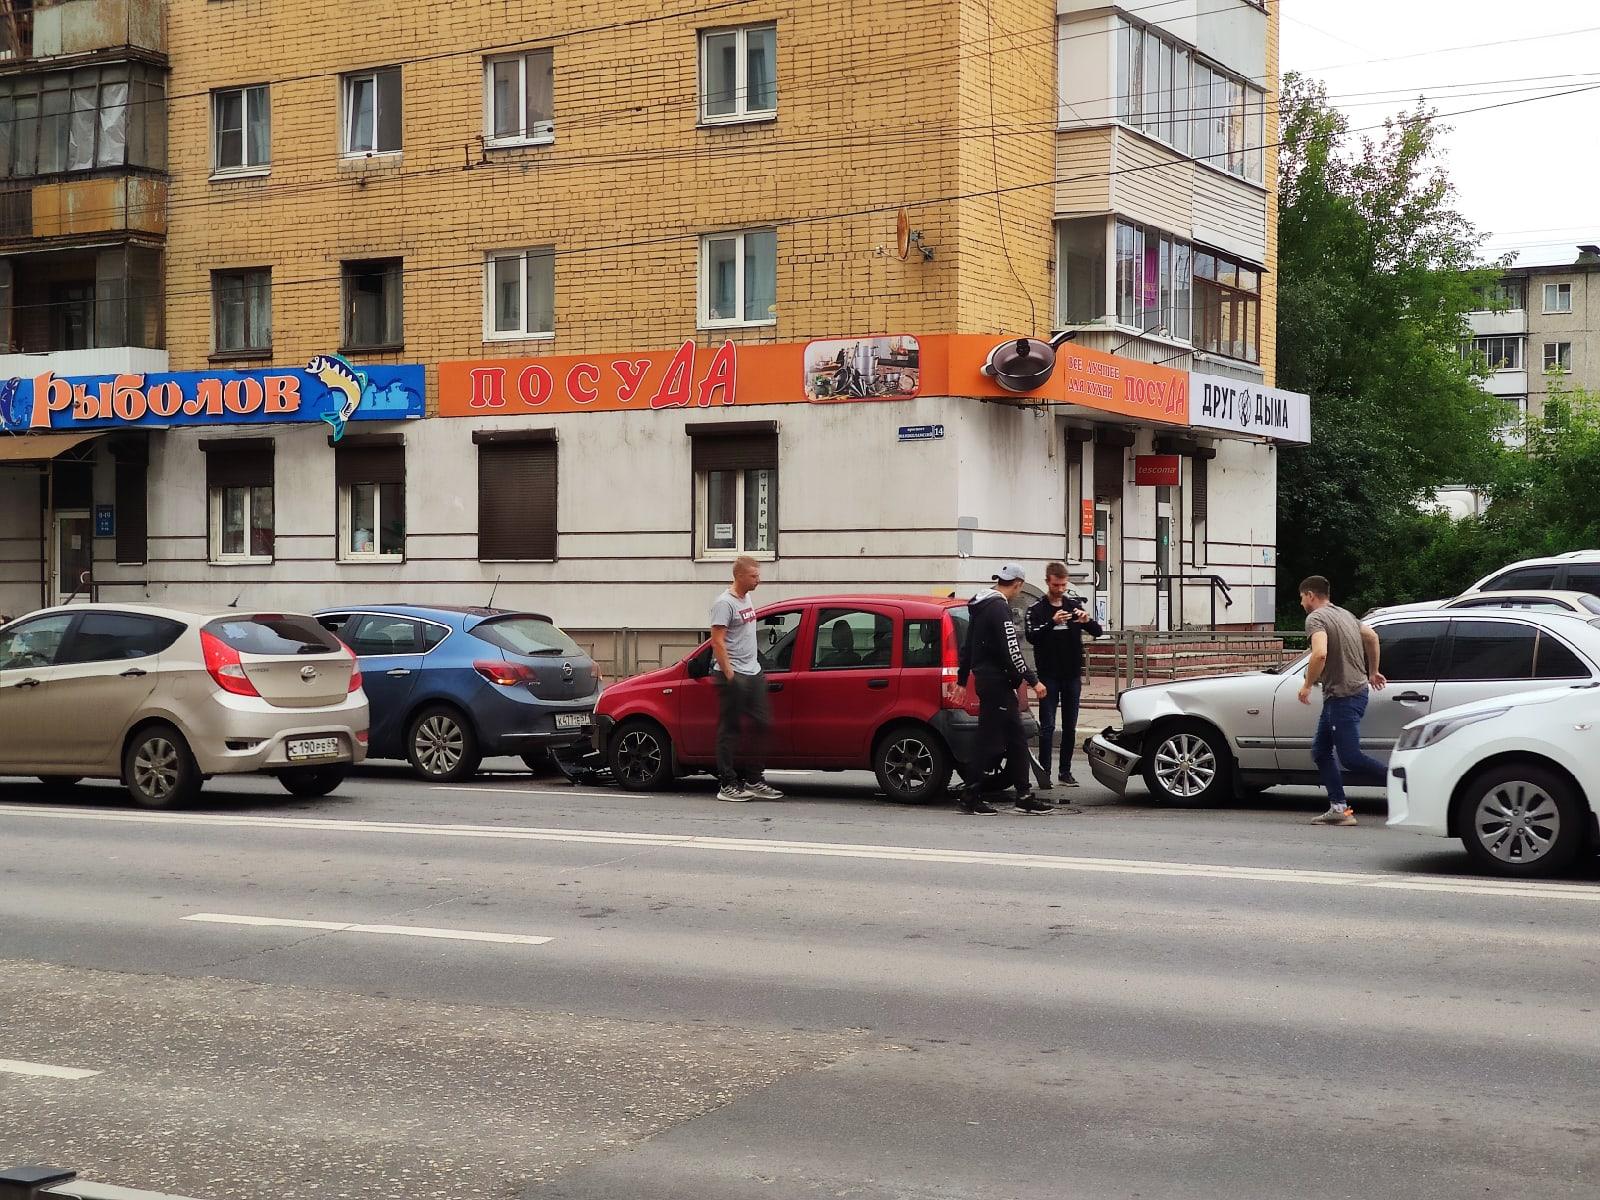 Три автомобиля сошлись в ДТП на Волоколамке в Твери и даже не устроили пробку